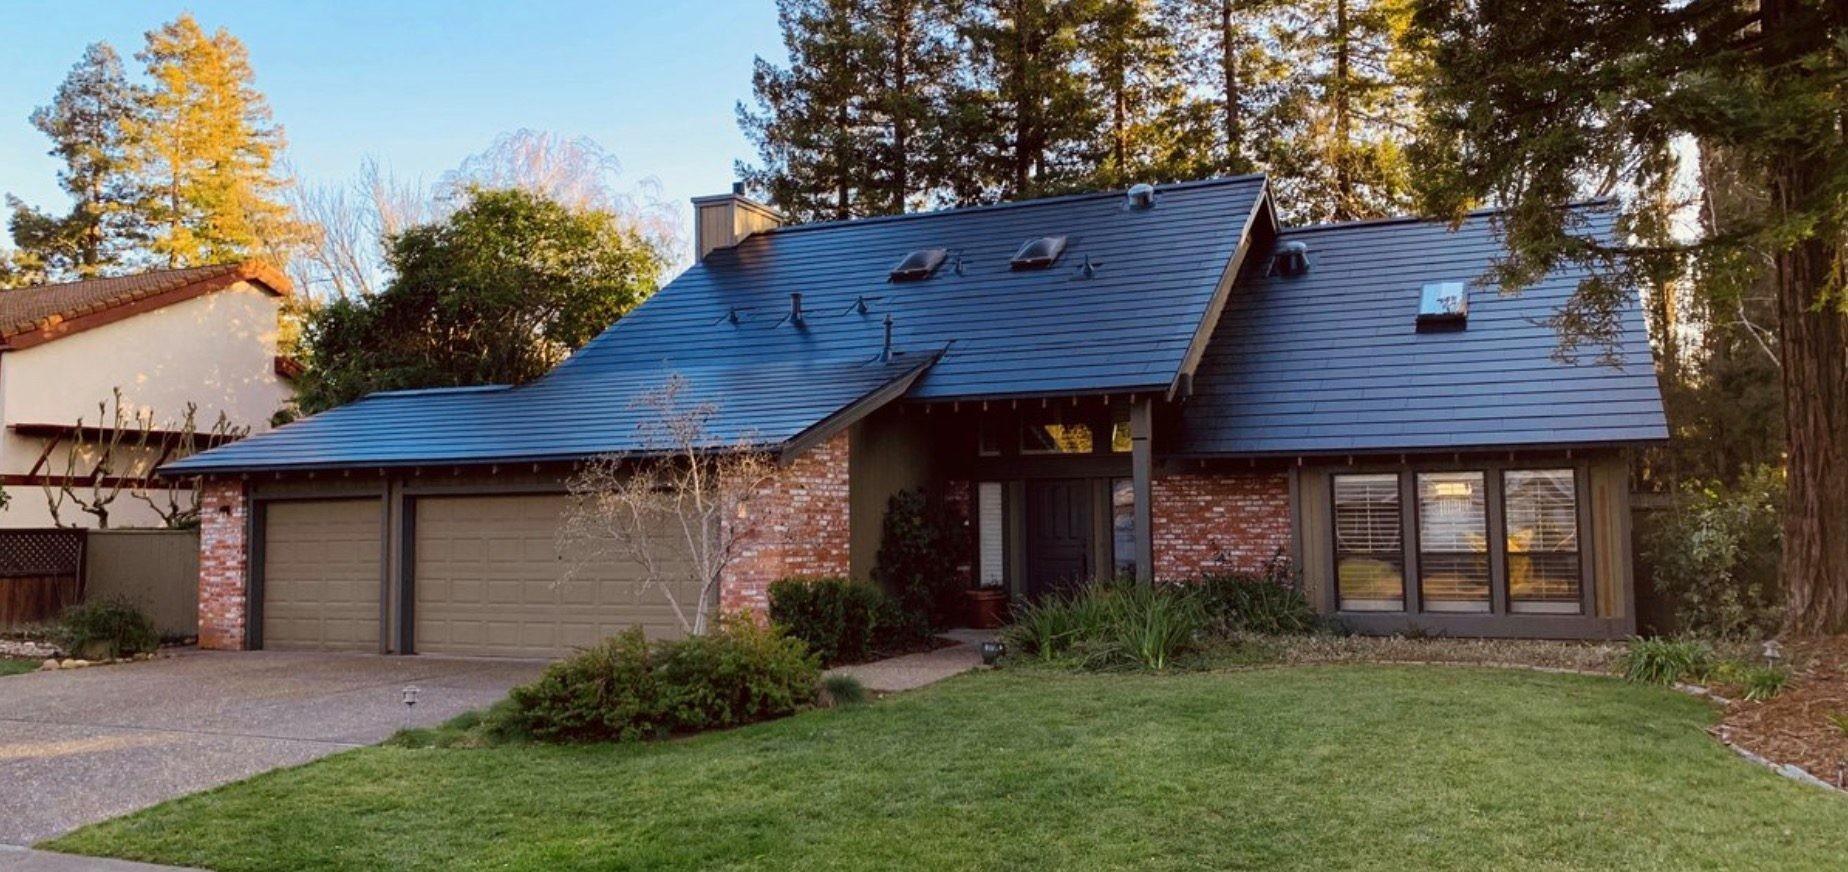 Elon Musk: Tesla's next 'killer product' is Solar Roof - Electrek